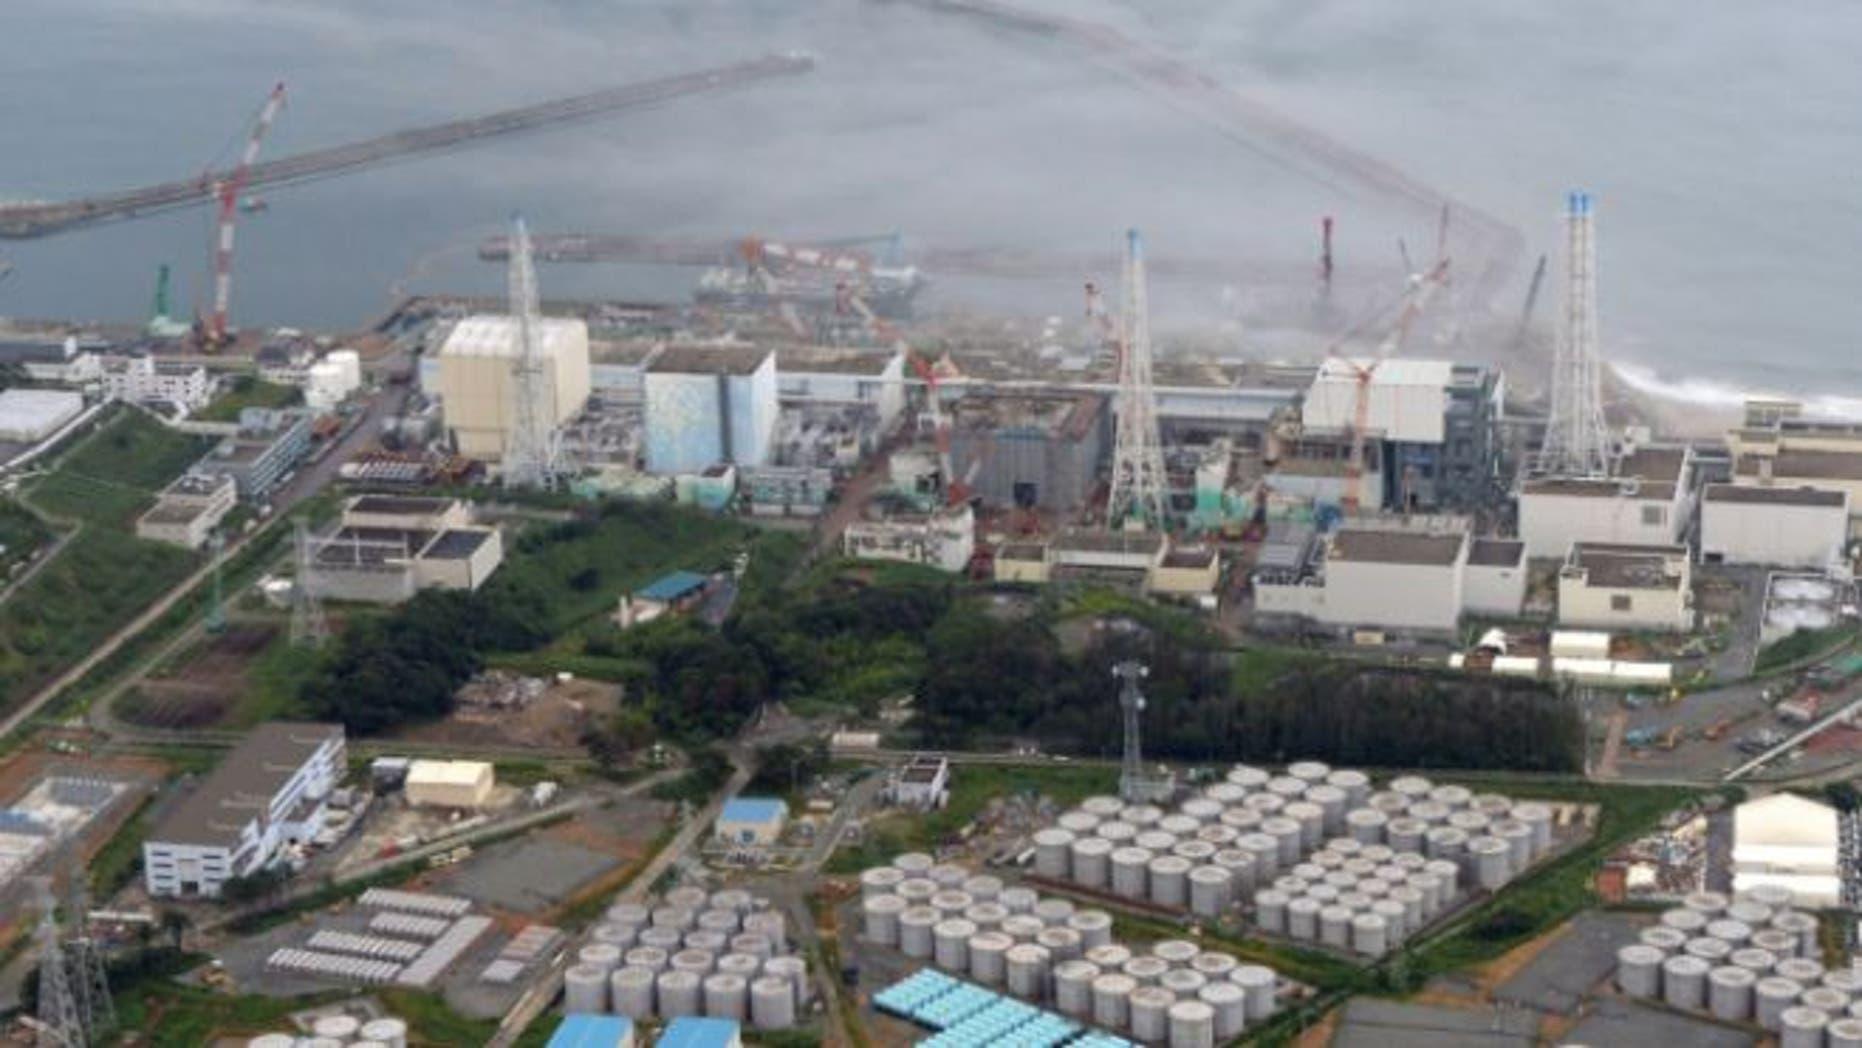 Aug. 20, 2013: This photo shows the Fukushima Dai-ichi nuclear plant at Okuma in Fukushima prefecture, northern Japan.